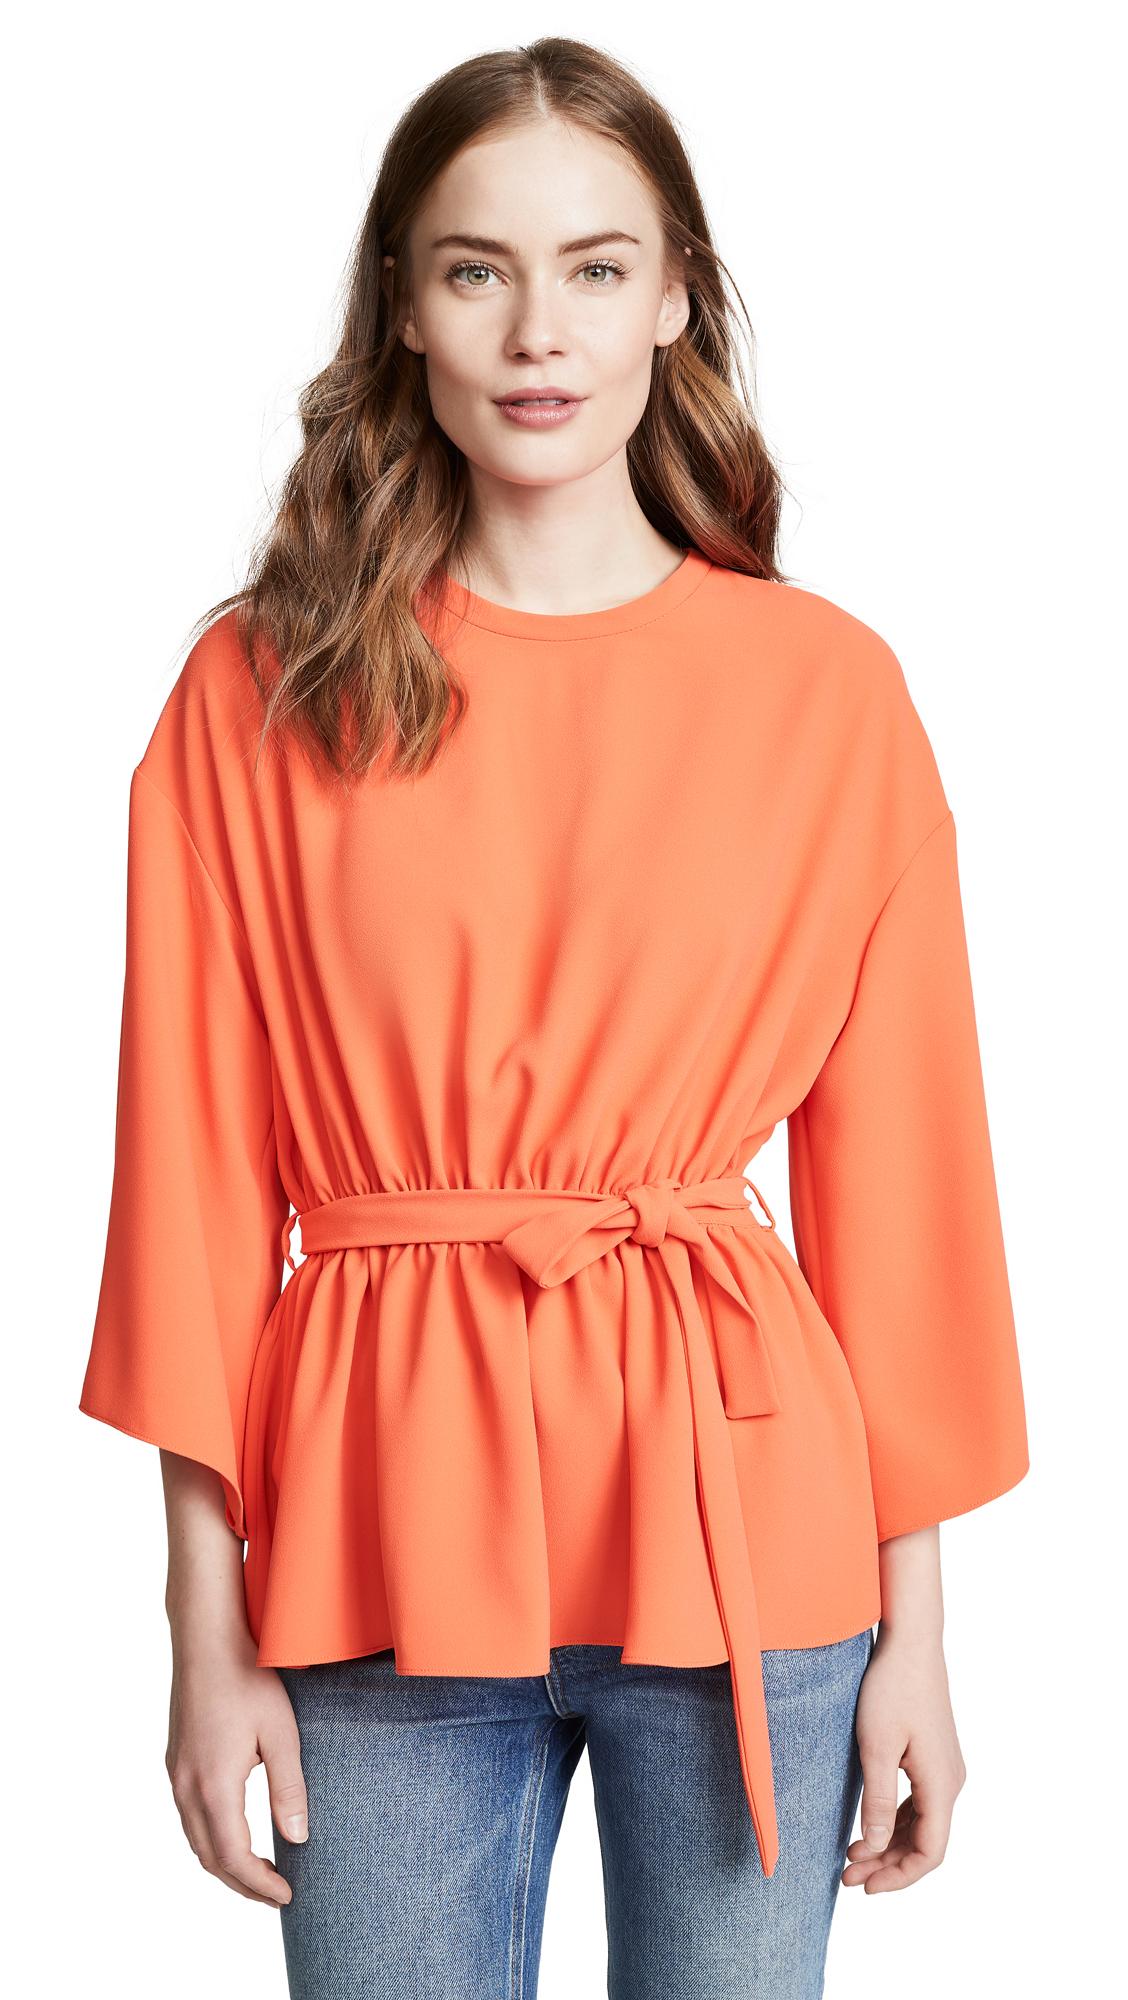 iro zone blouse shopbop rh shopbop com